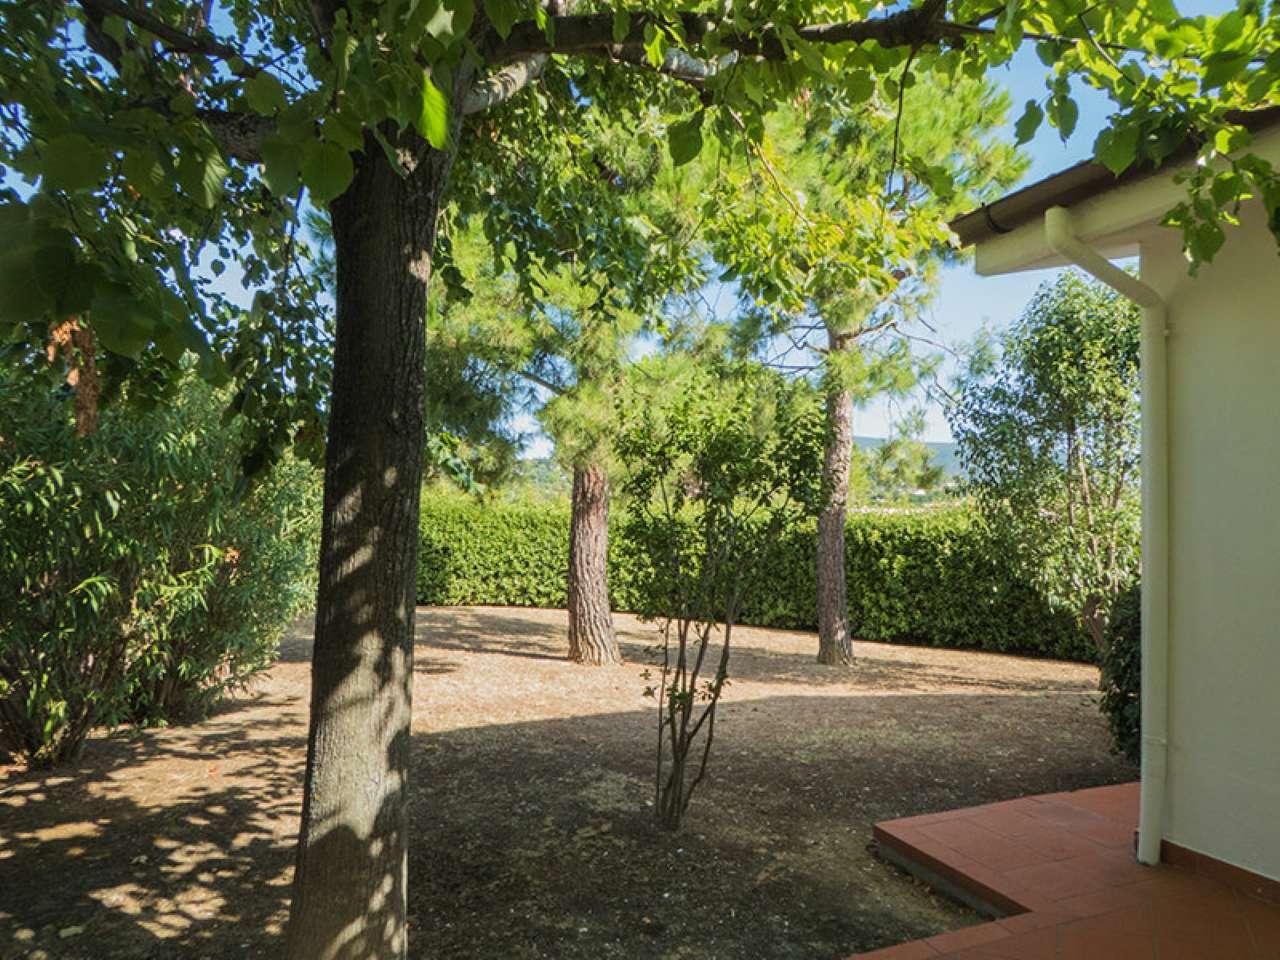 Villa in vendita a Numana, 5 locali, prezzo € 190.000 | CambioCasa.it